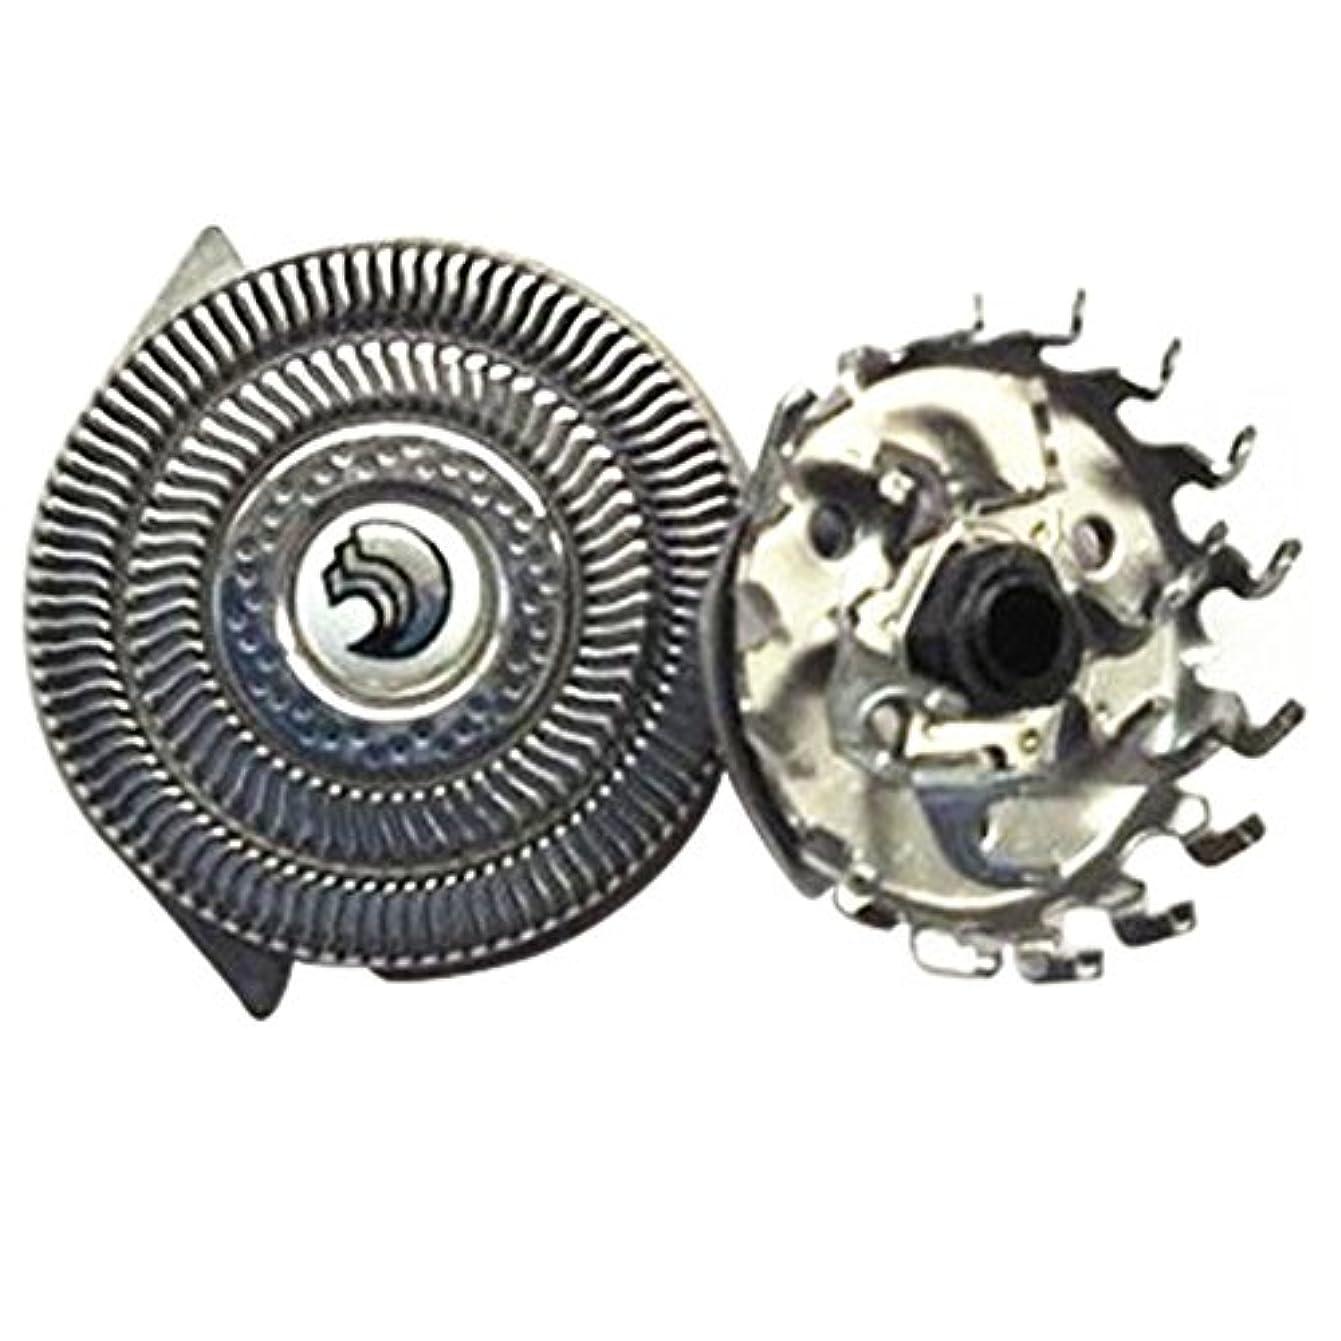 摩擦石化するコンサルタントDeylaying 置換 シェーバー 頭 フォイル 刃+カッター for Philips S9911 S9731 S9711 S9511